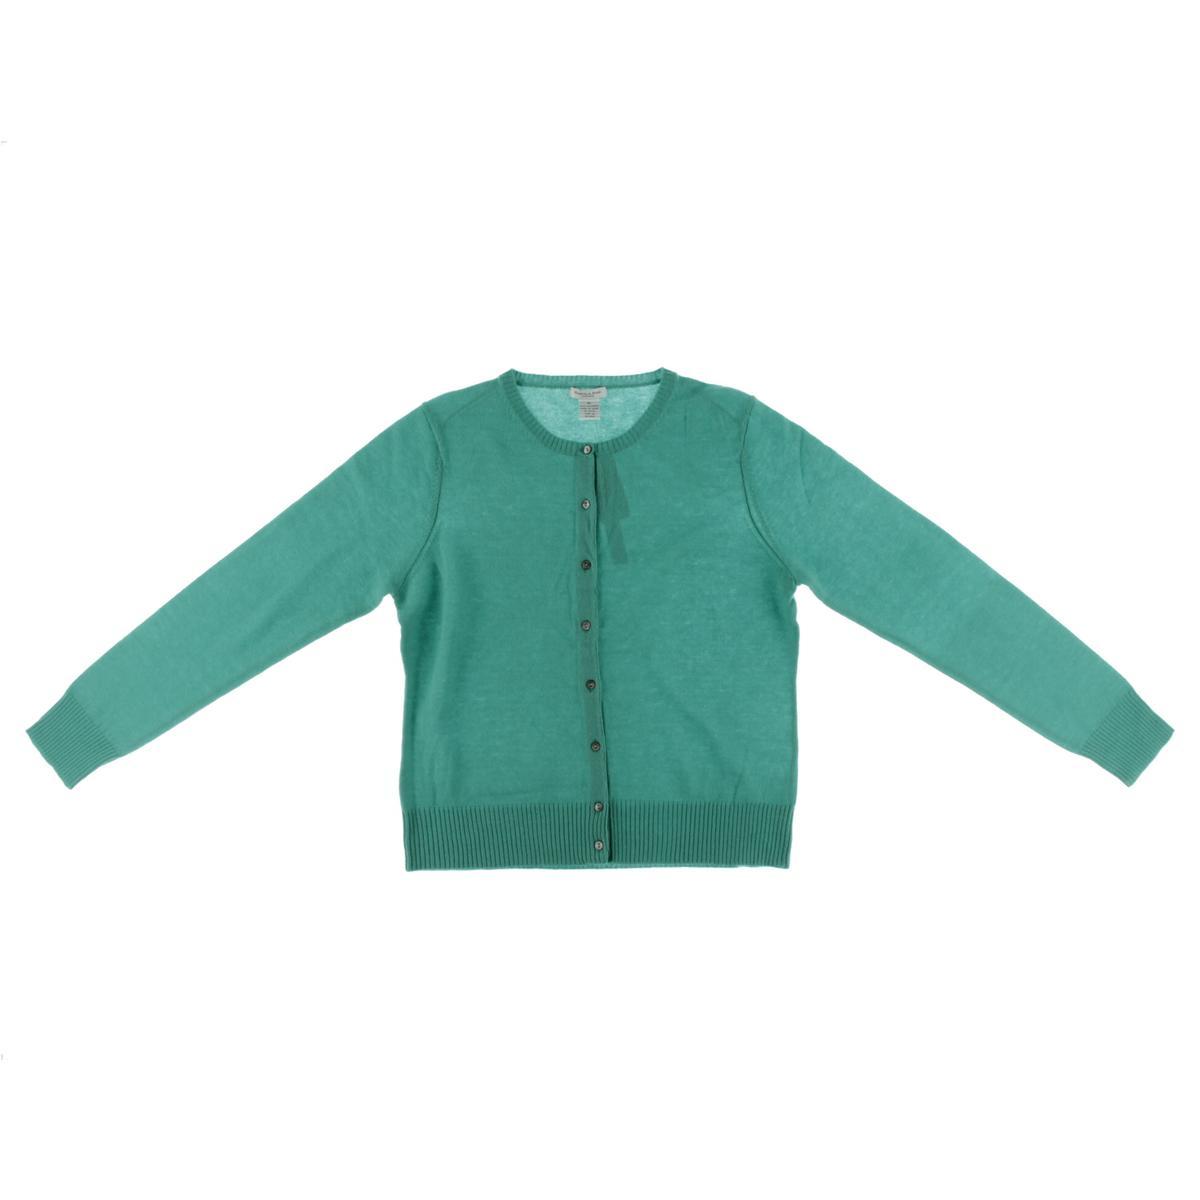 Gabriella Rossi Cashmere Button Up Cardigan Sweater